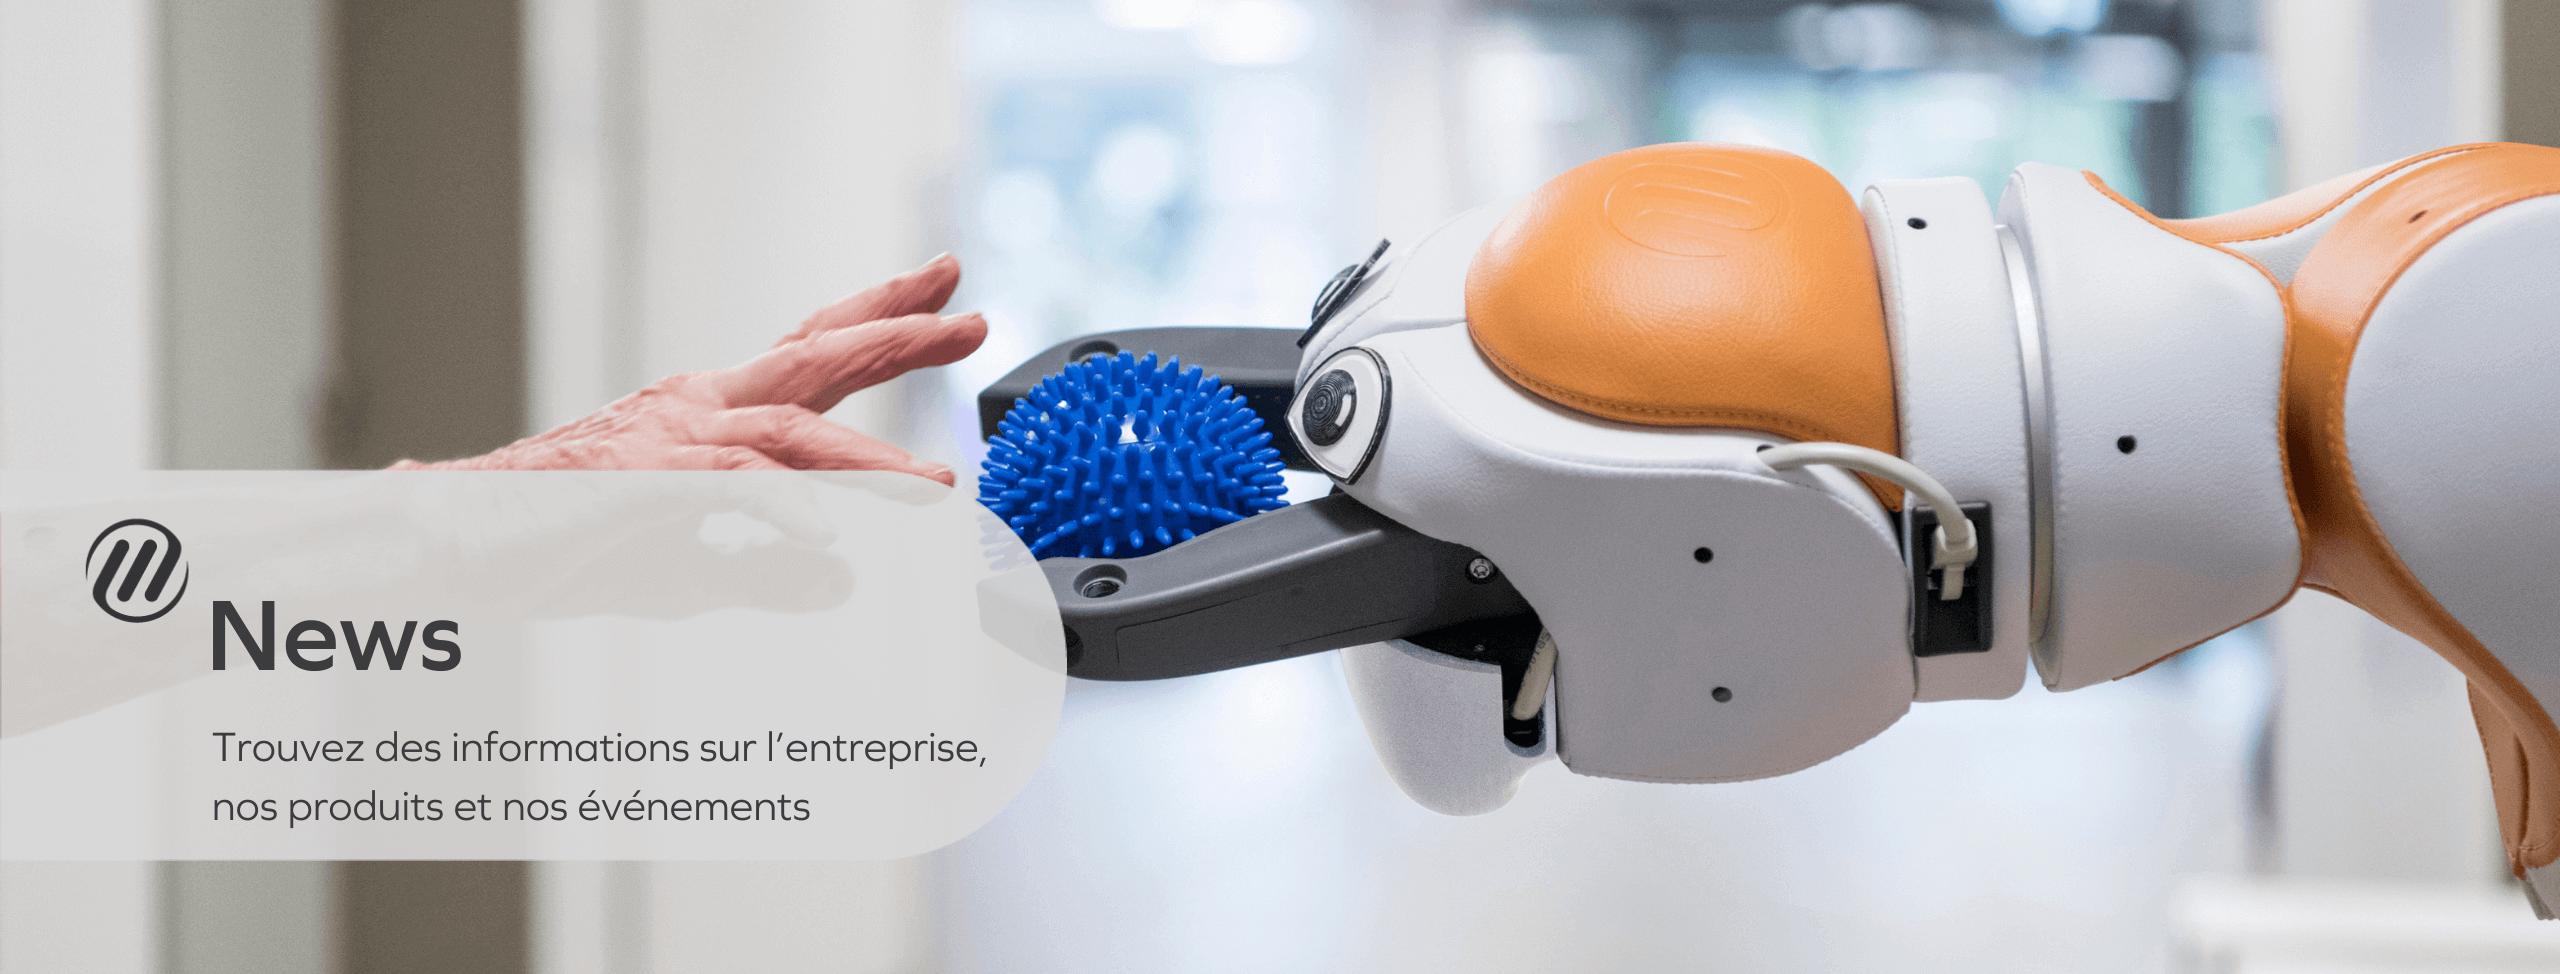 News F&P Robotics